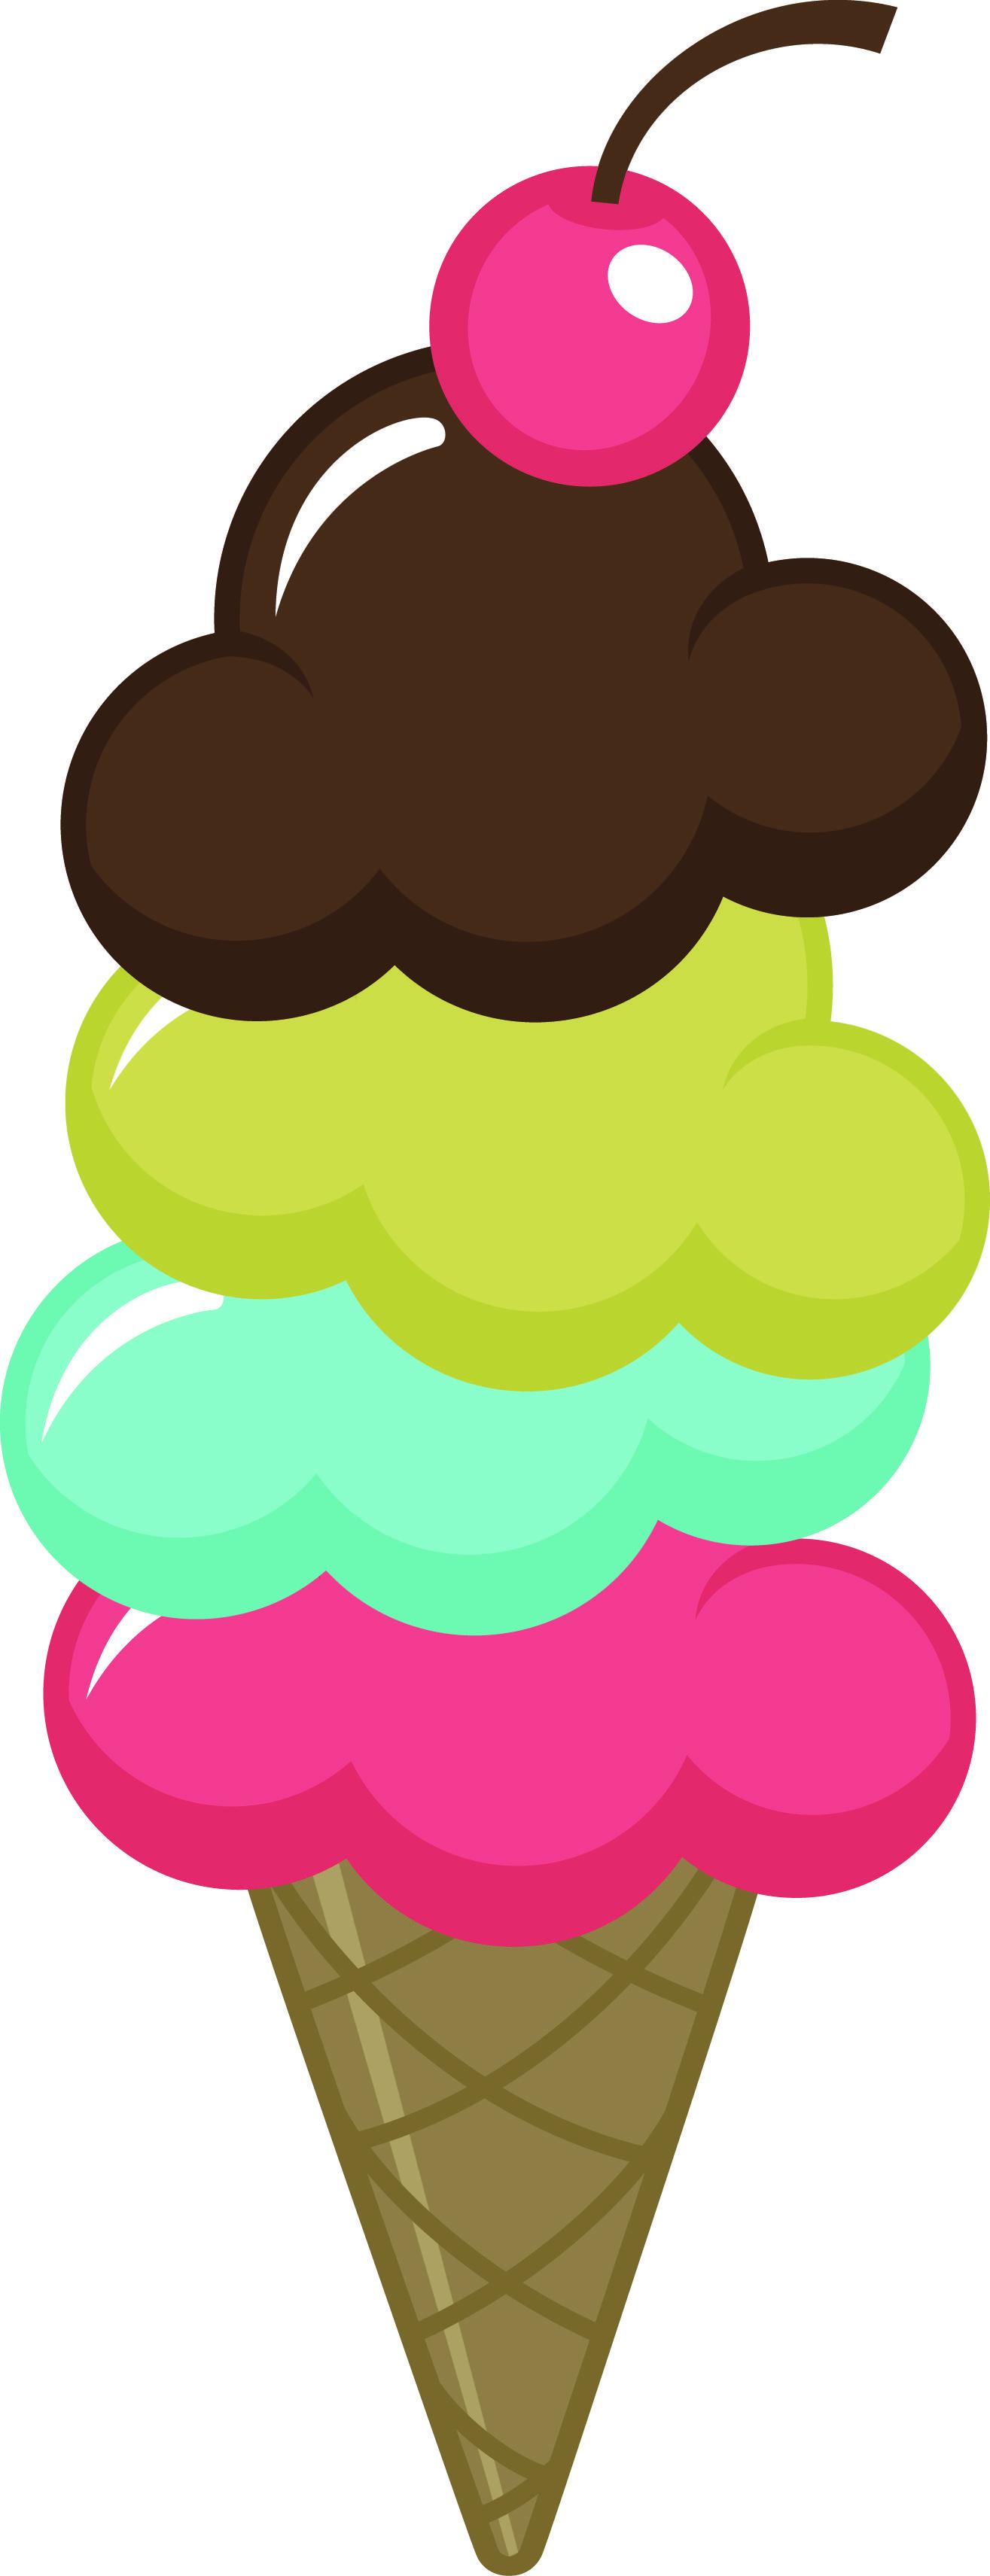 ice cream cone clip art summer clipart pinterest ice cream rh pinterest com clip art ice cream social clipart ice cream cone